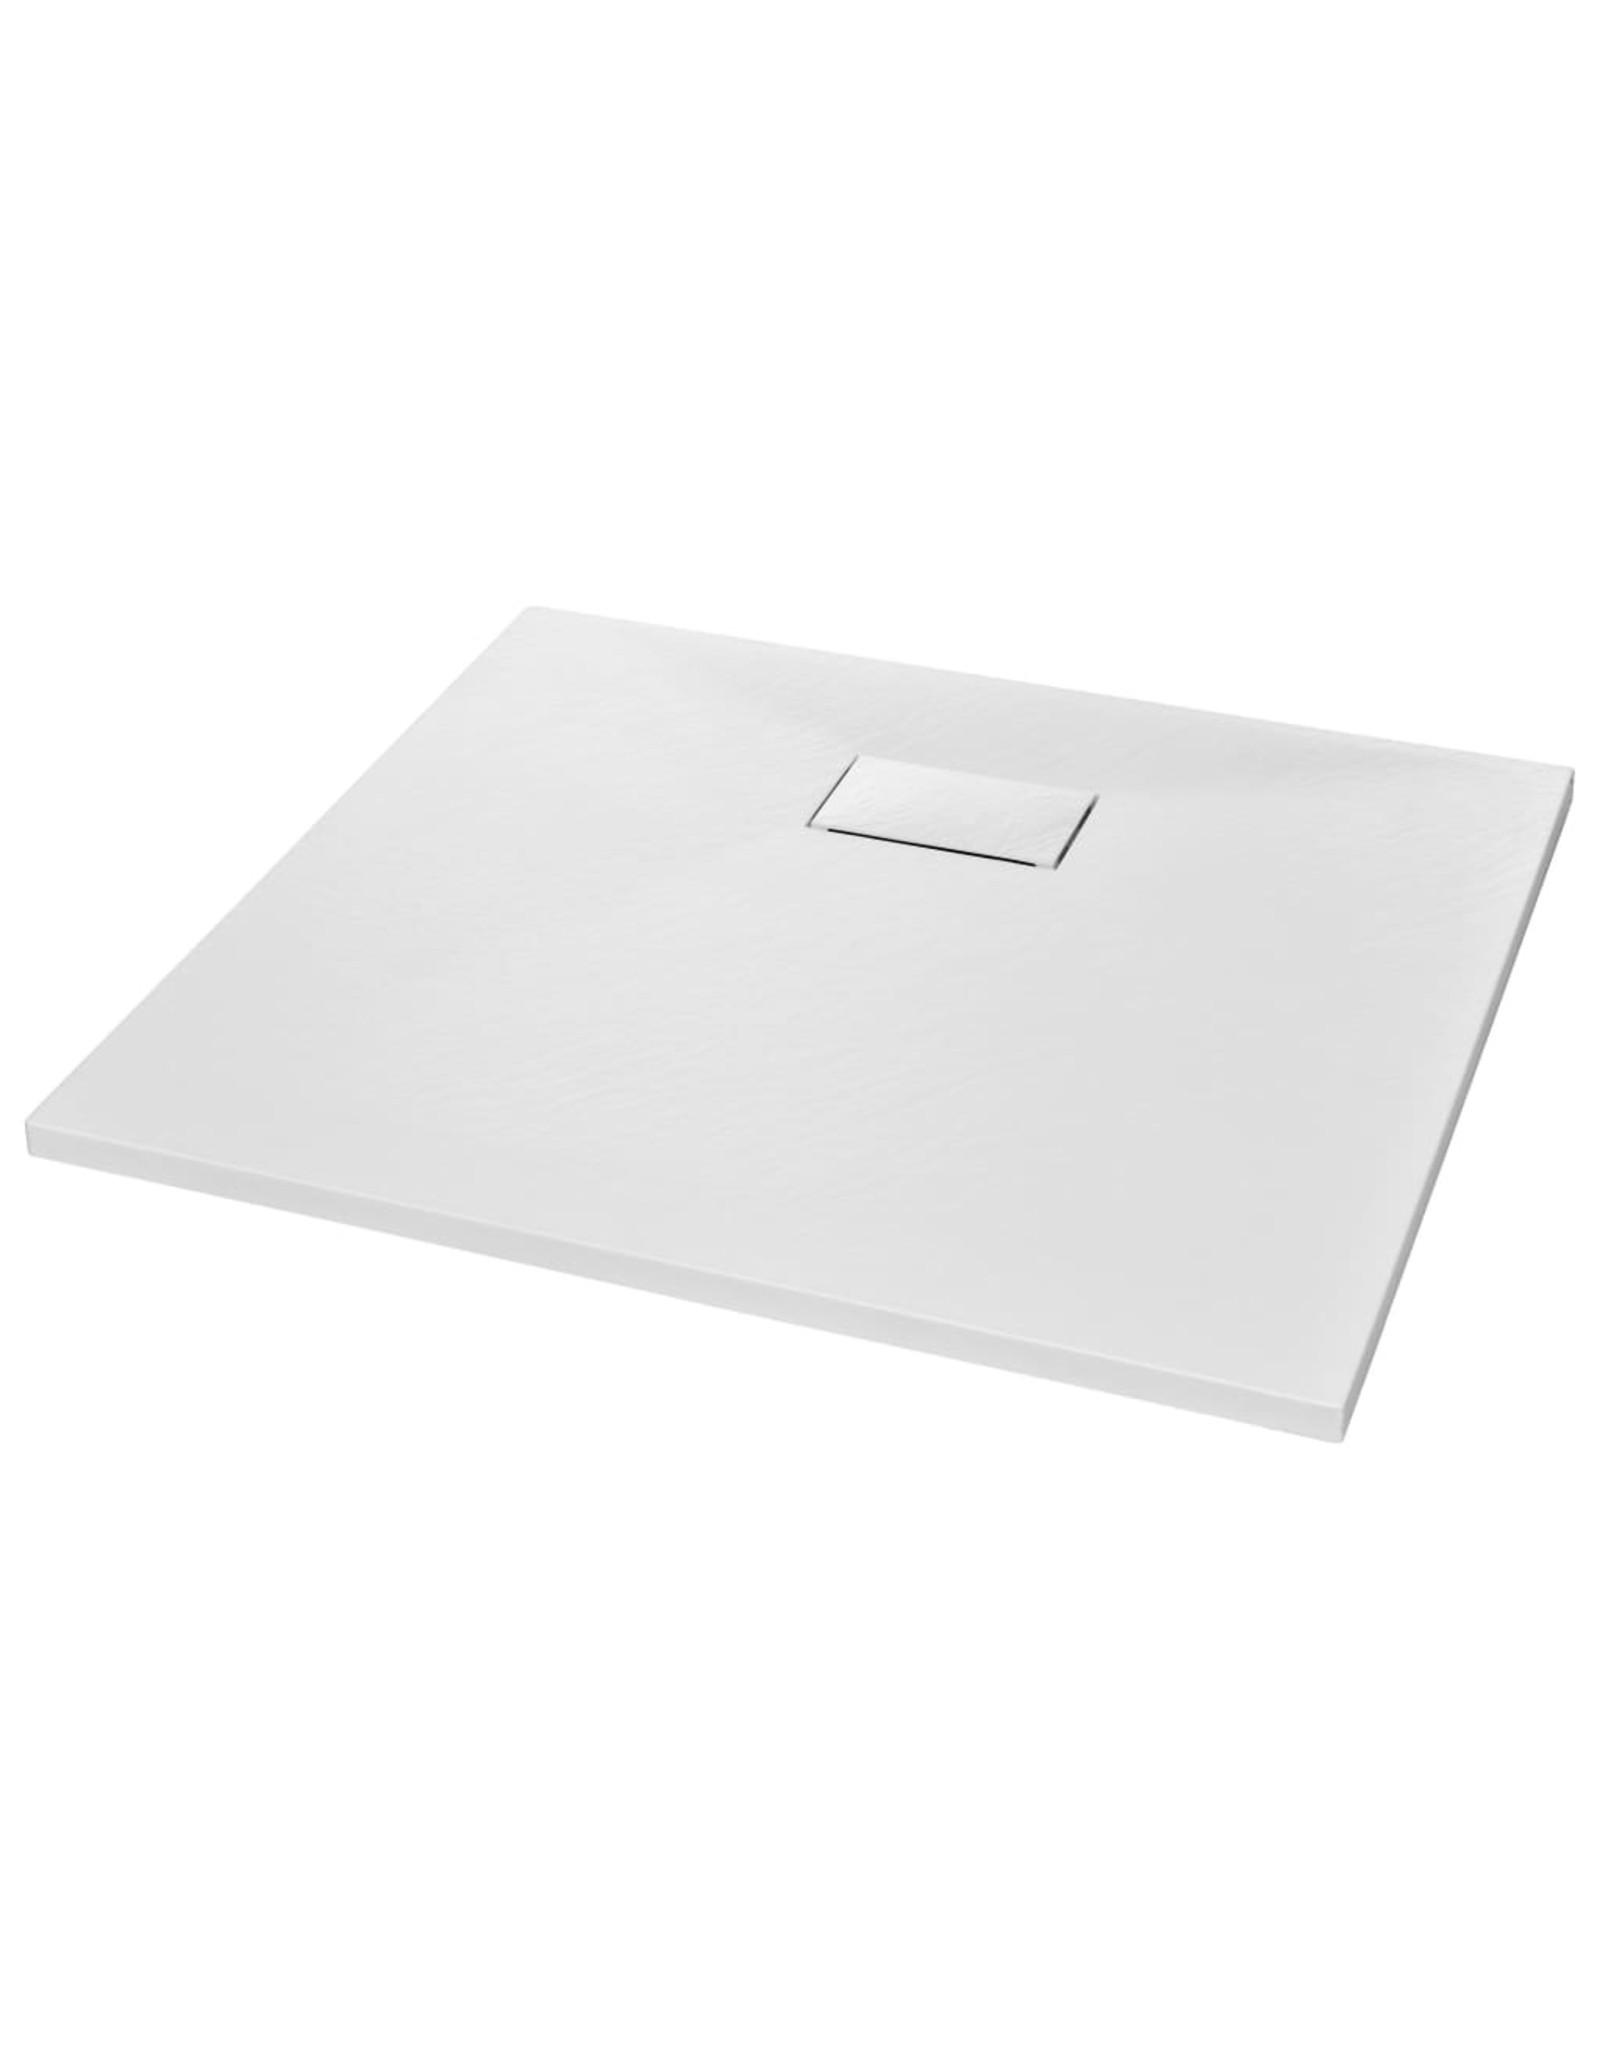 Douchebak 90x80 cm SMC wit